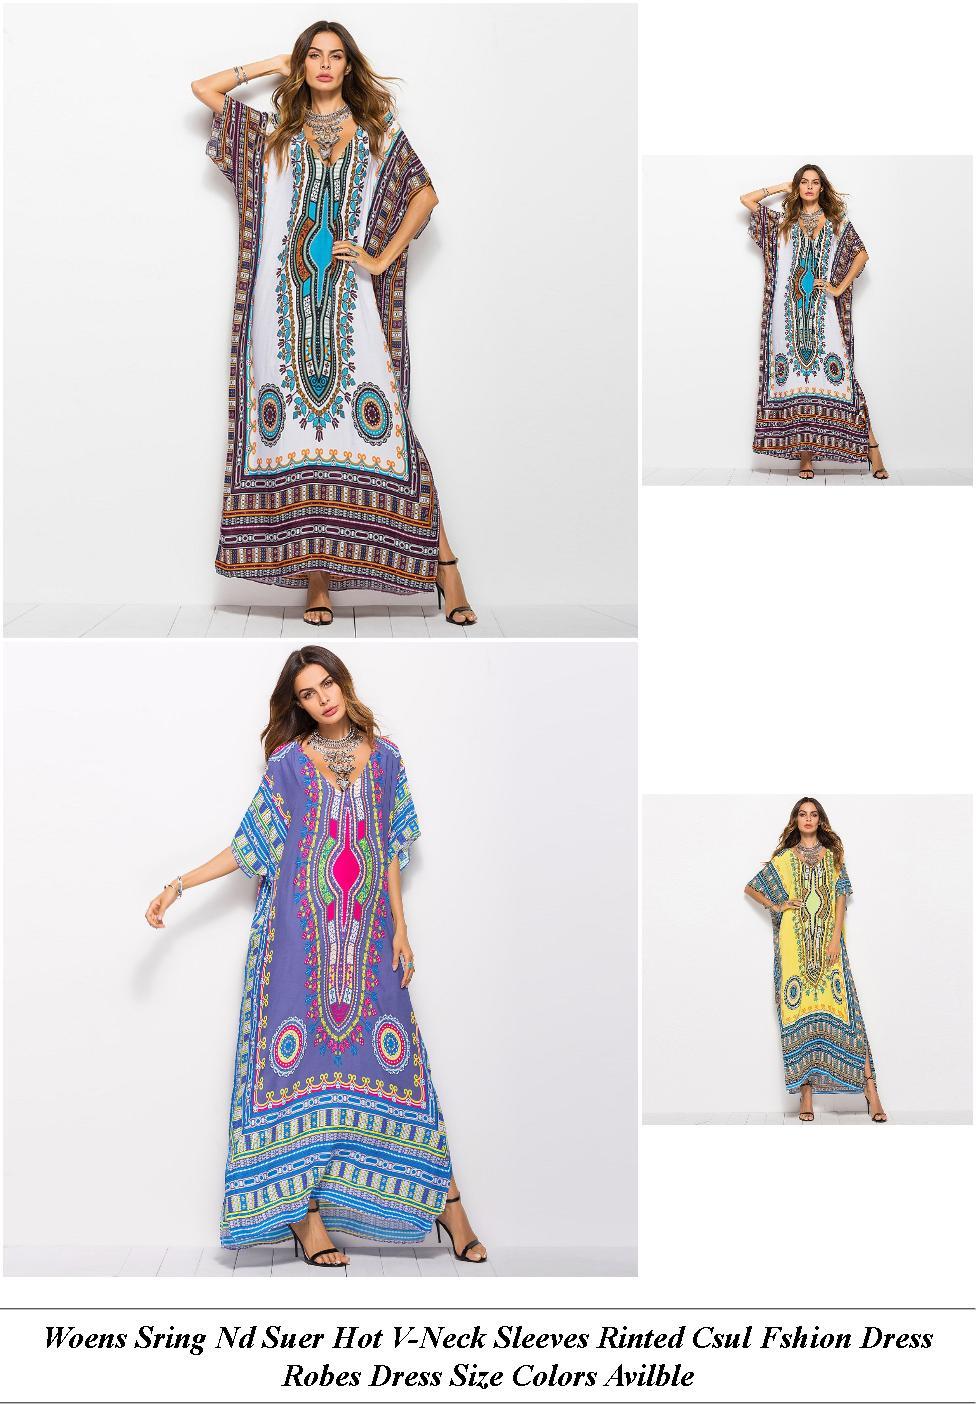 Monsoon Dresses - Shop For Sale - Lace Wedding Dress - Cheap Cute Clothes